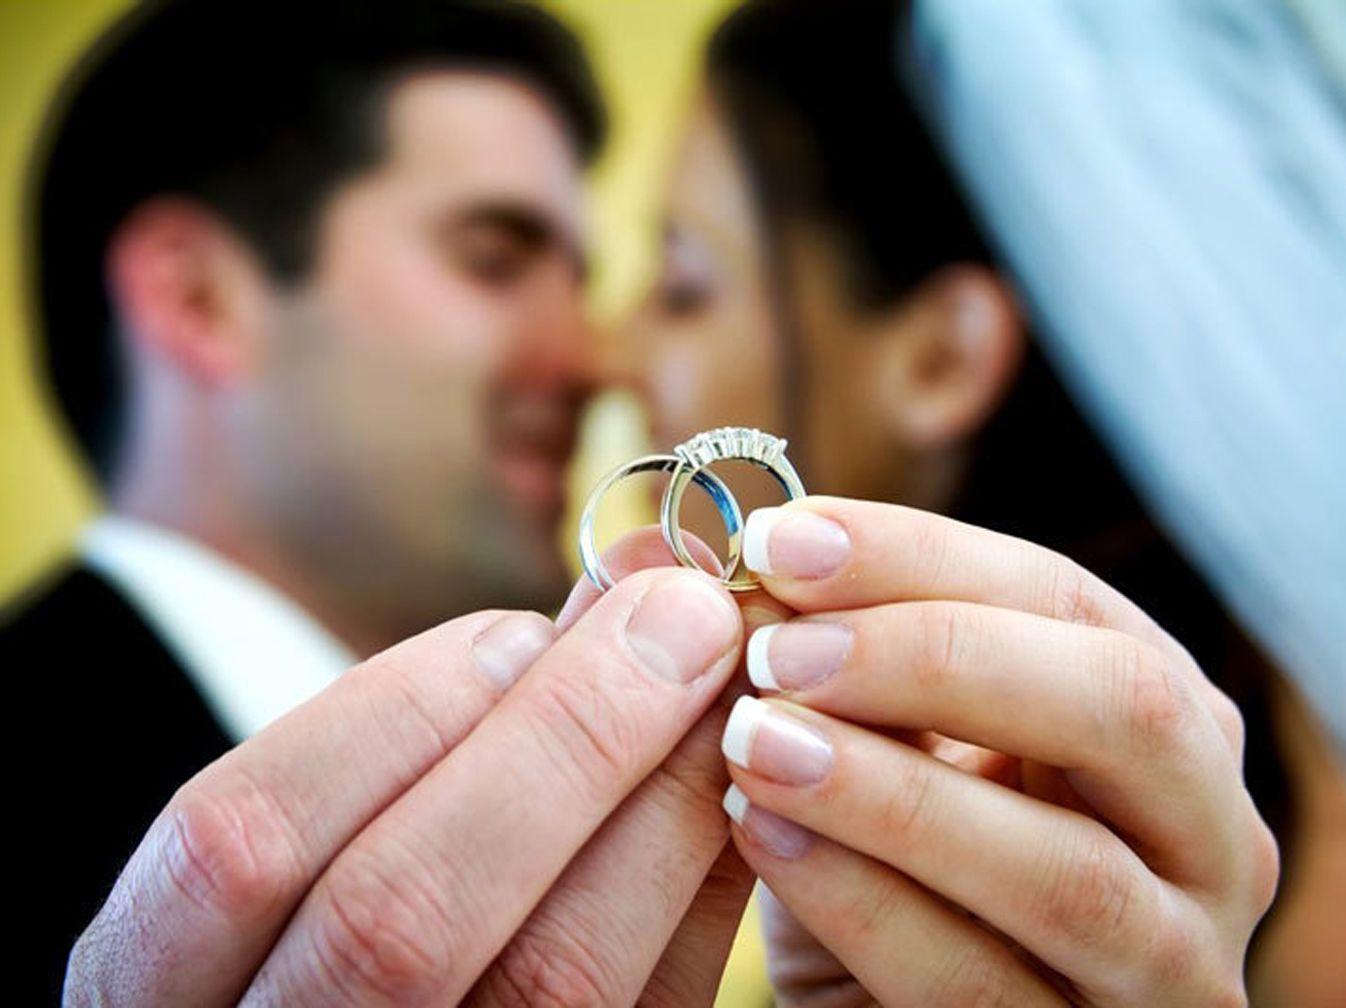 Всамом начале 2014 года граждане Воронежской области стали намного реже жениться